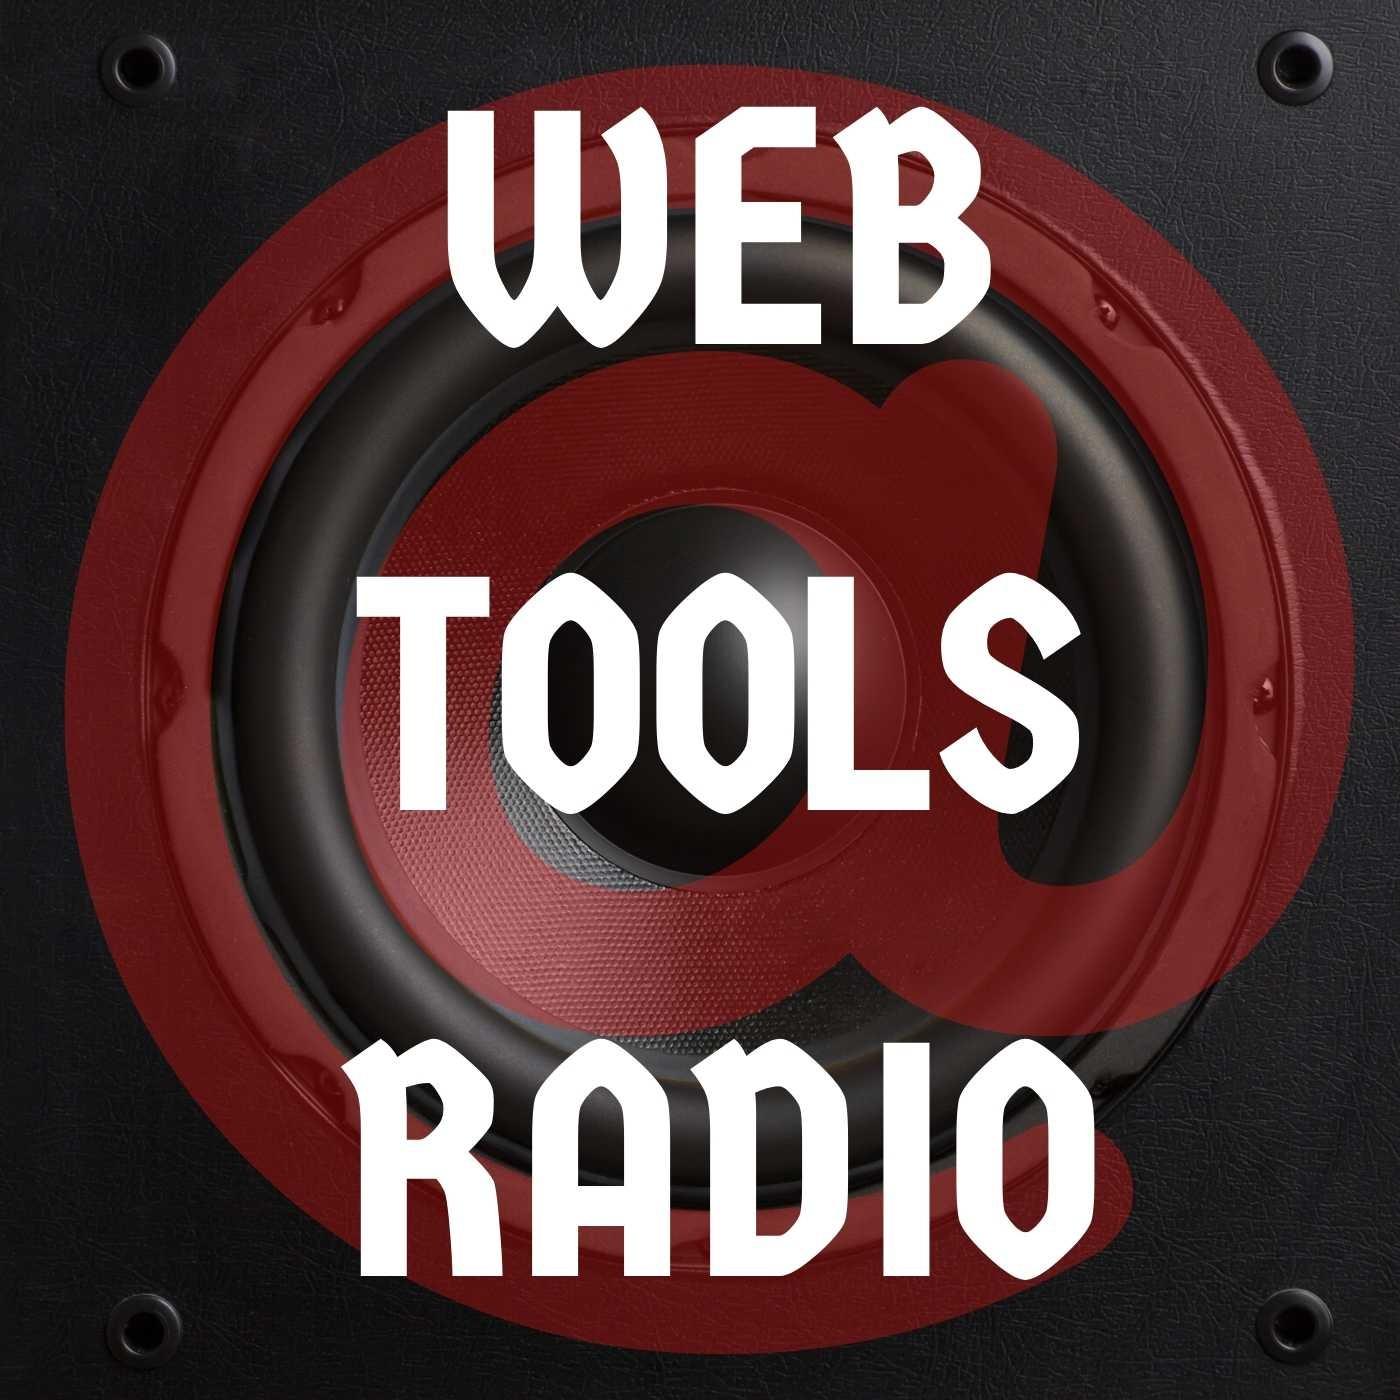 Weekly Web Tools is Now Web Tools Radio